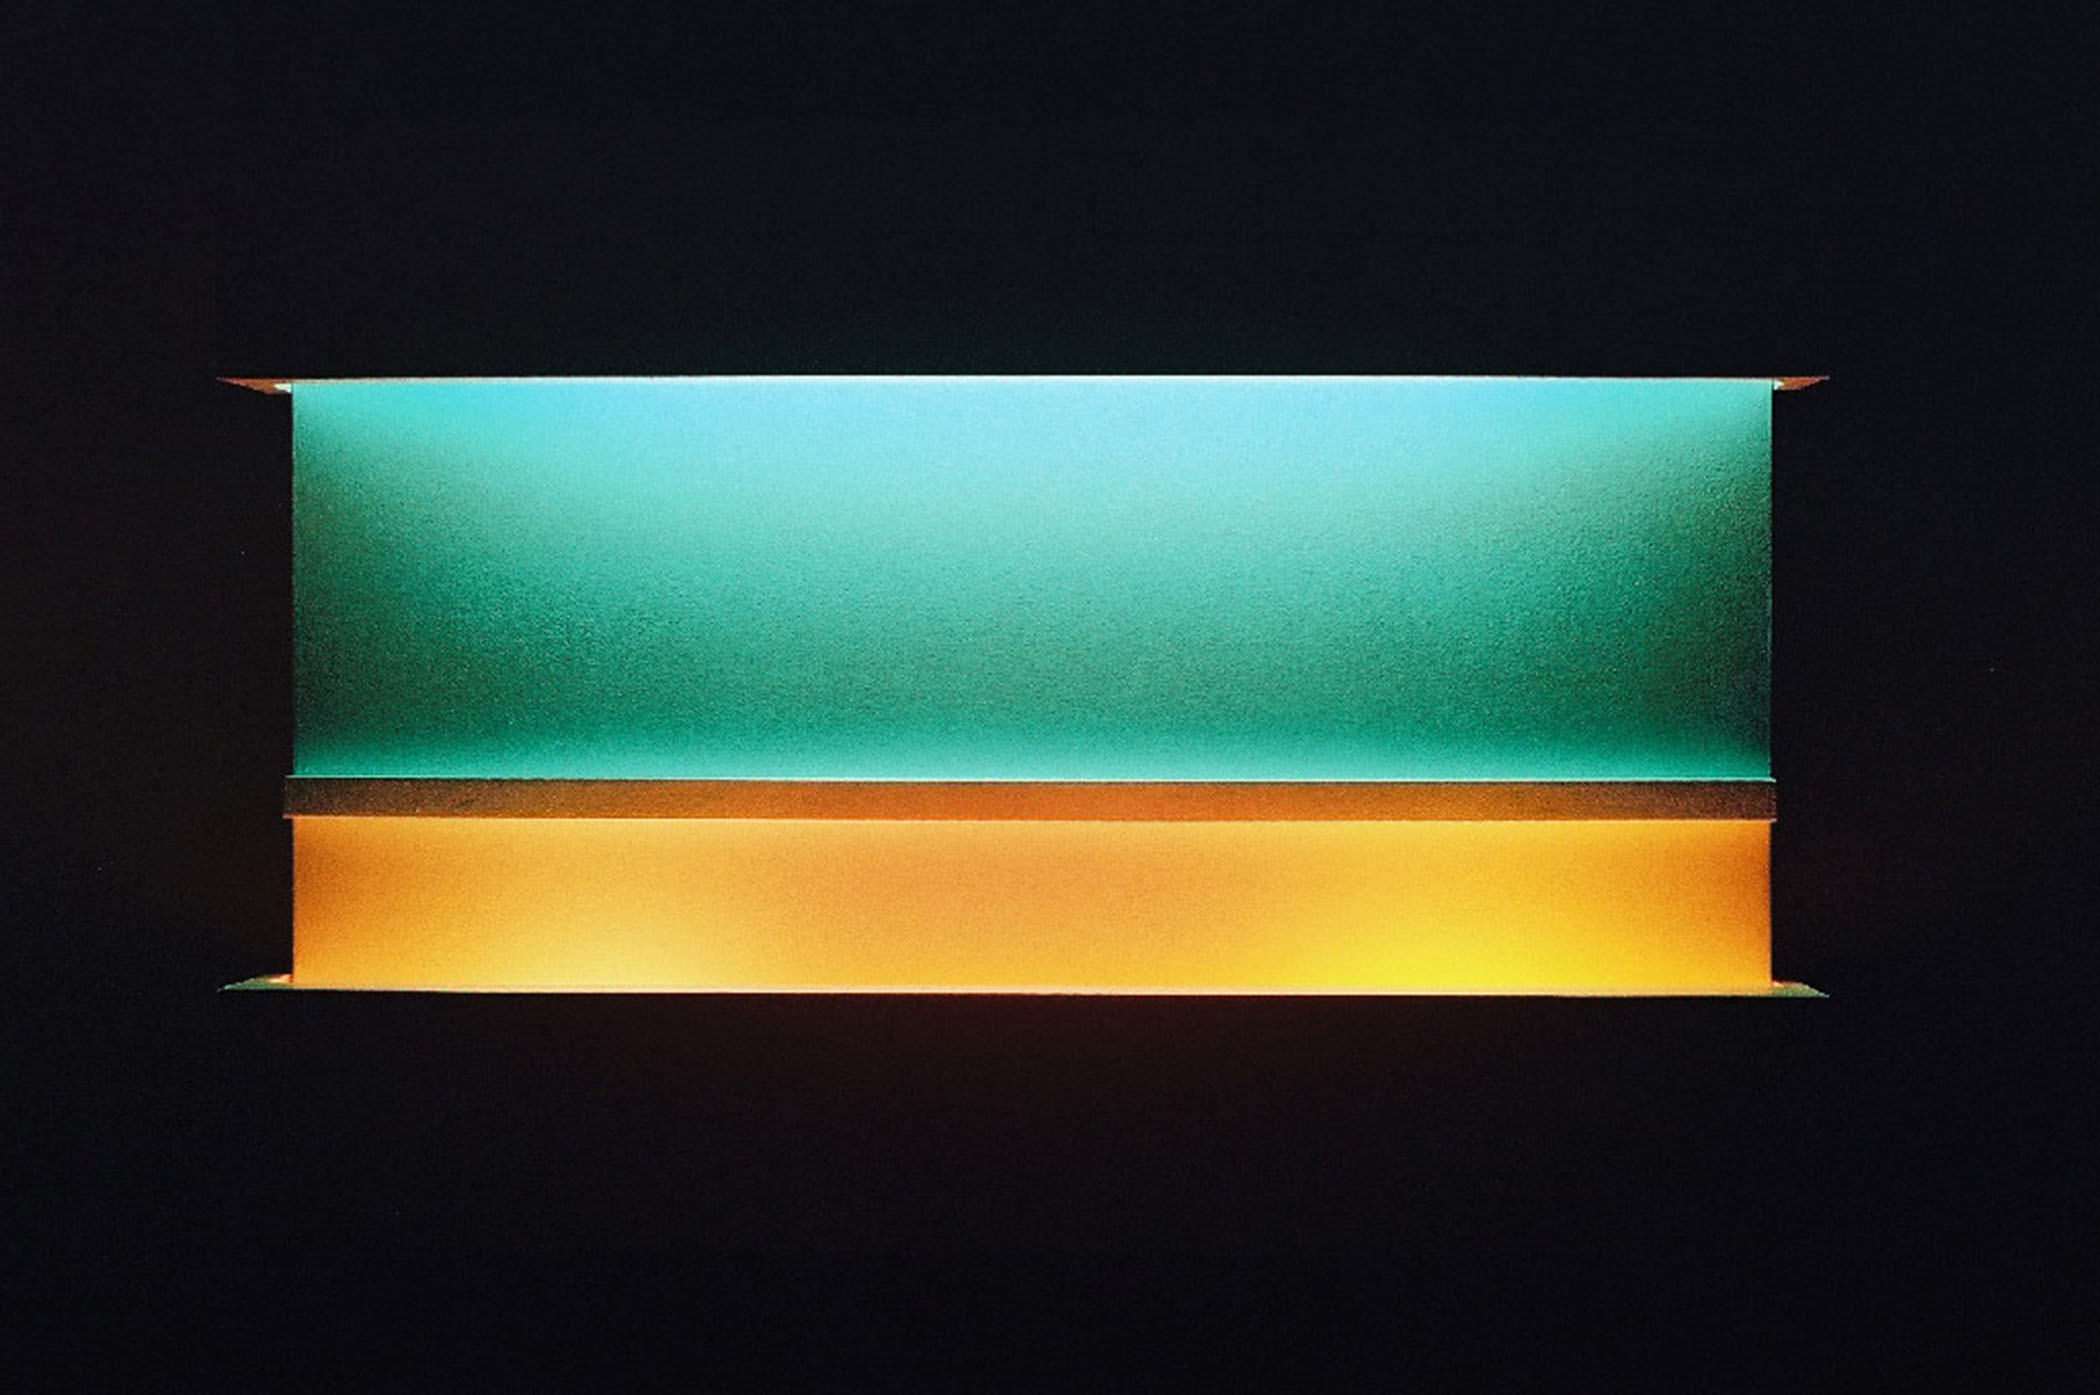 """Press, 2010, (Light art/sculpture/installation: Fluorescent lights, wood, metal, acrylic paint), 20""""x28""""x5"""""""